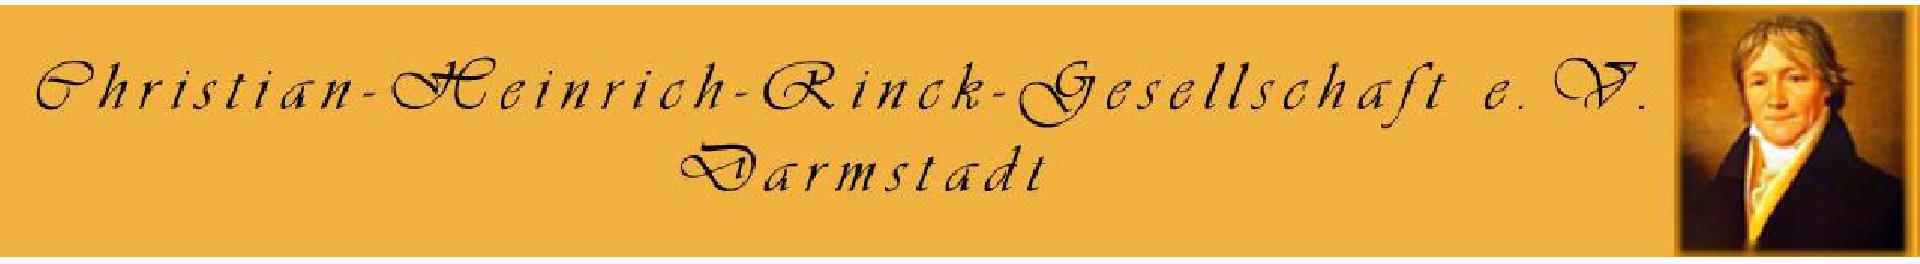 www.rinck-gesellschaft.de